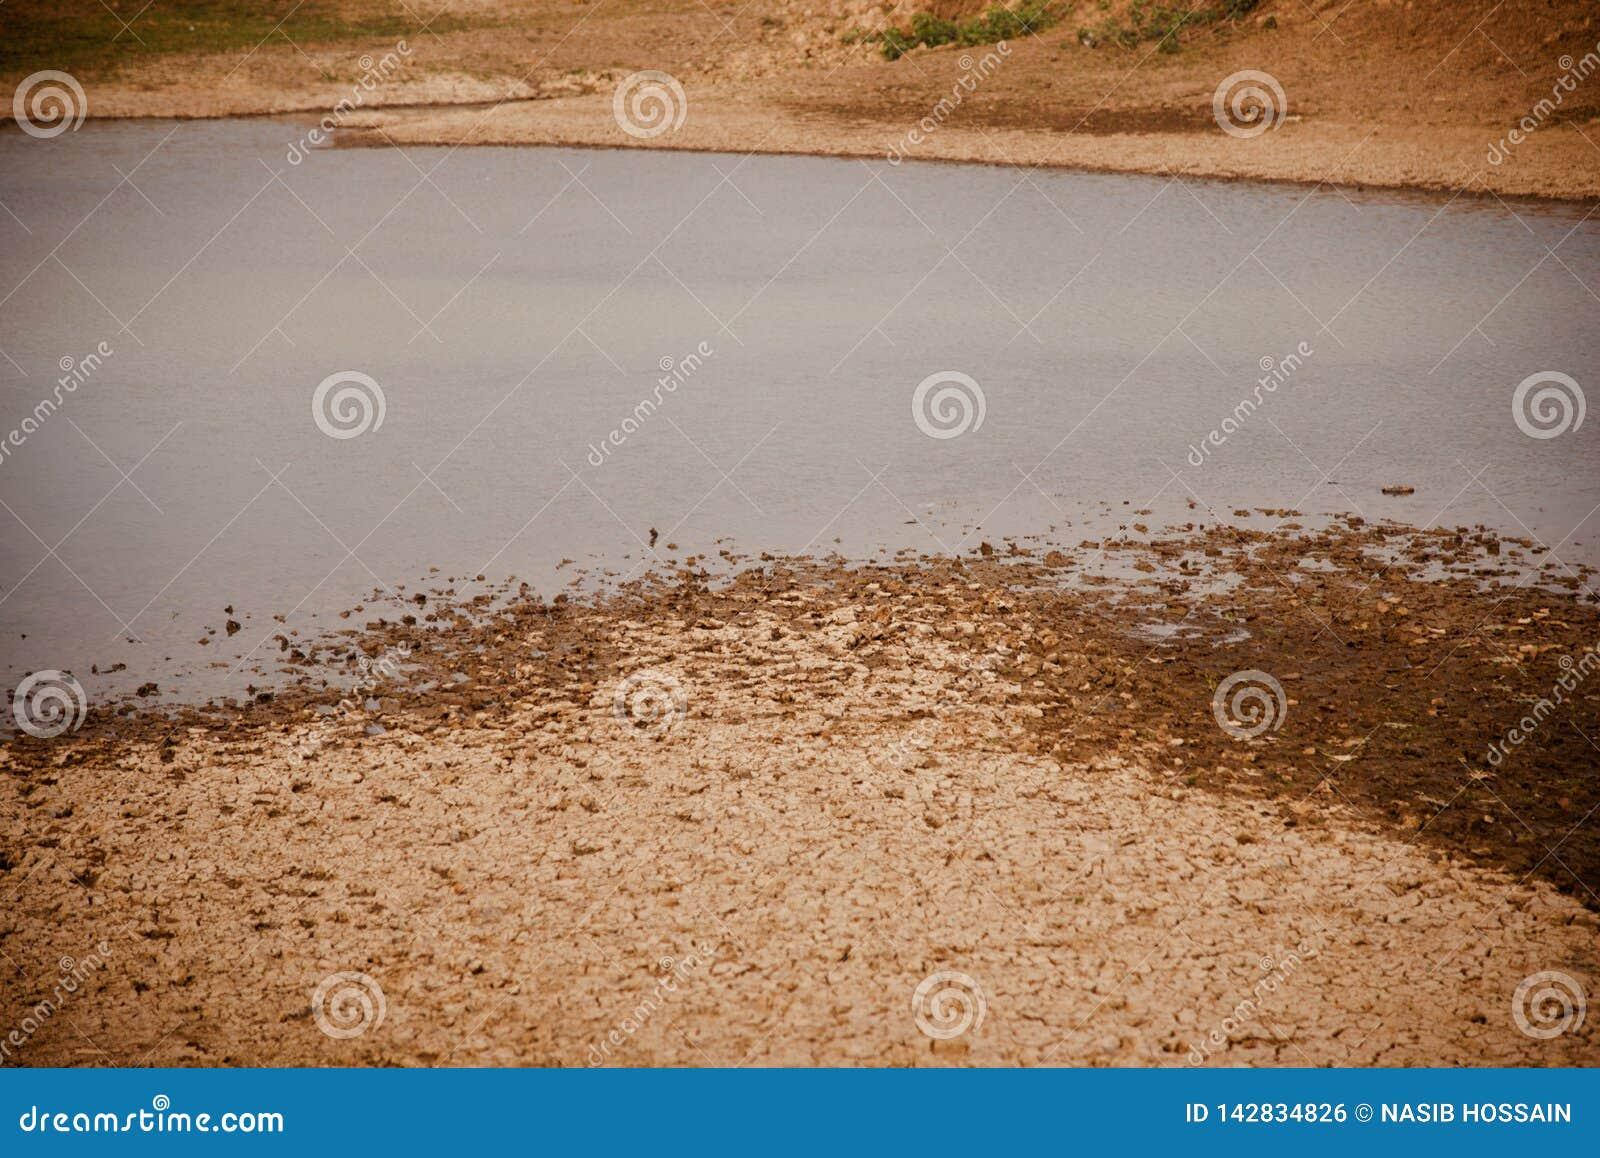 Вода пруда с фото высушенной почвы поверхностным естественным